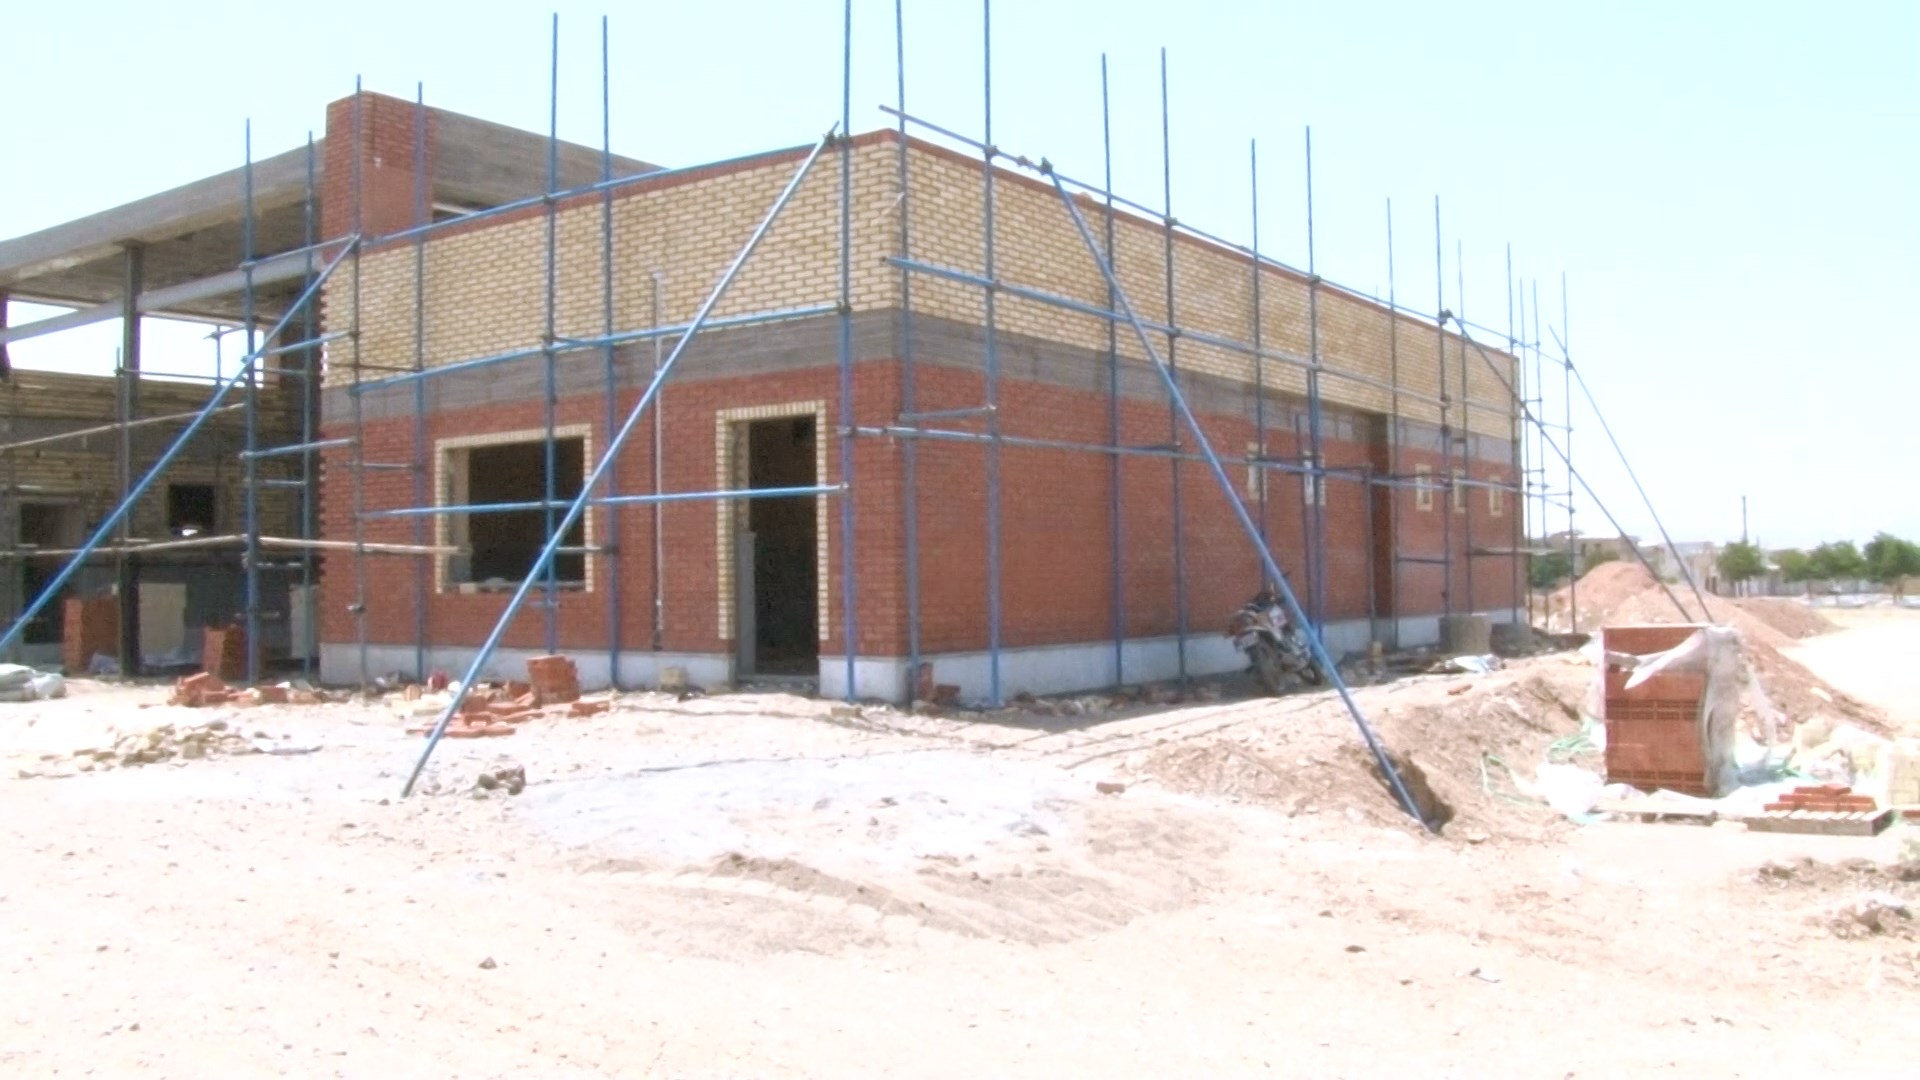 محمد رضا شفیعی شهردار وزوان :مرحله اول ساختمان آتش نشانی شهر وزوان با بیش از ۸۰ درصد پیشرفت فیزیکی در حال ساخت است.